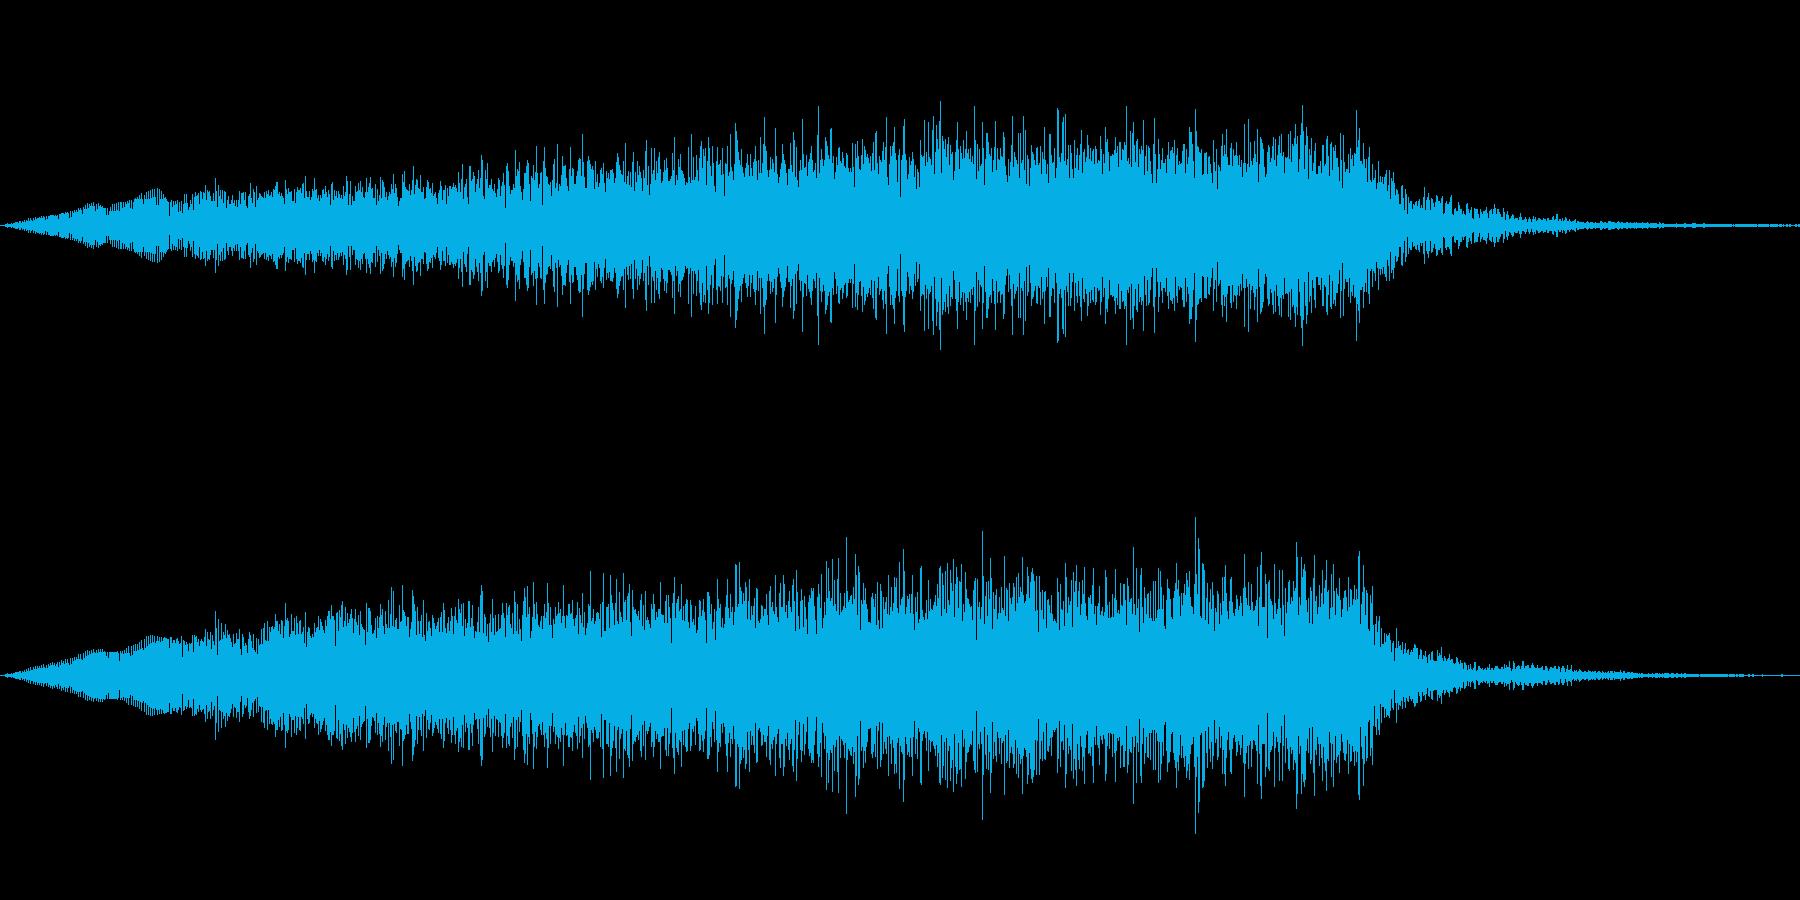 ジングル101hの再生済みの波形